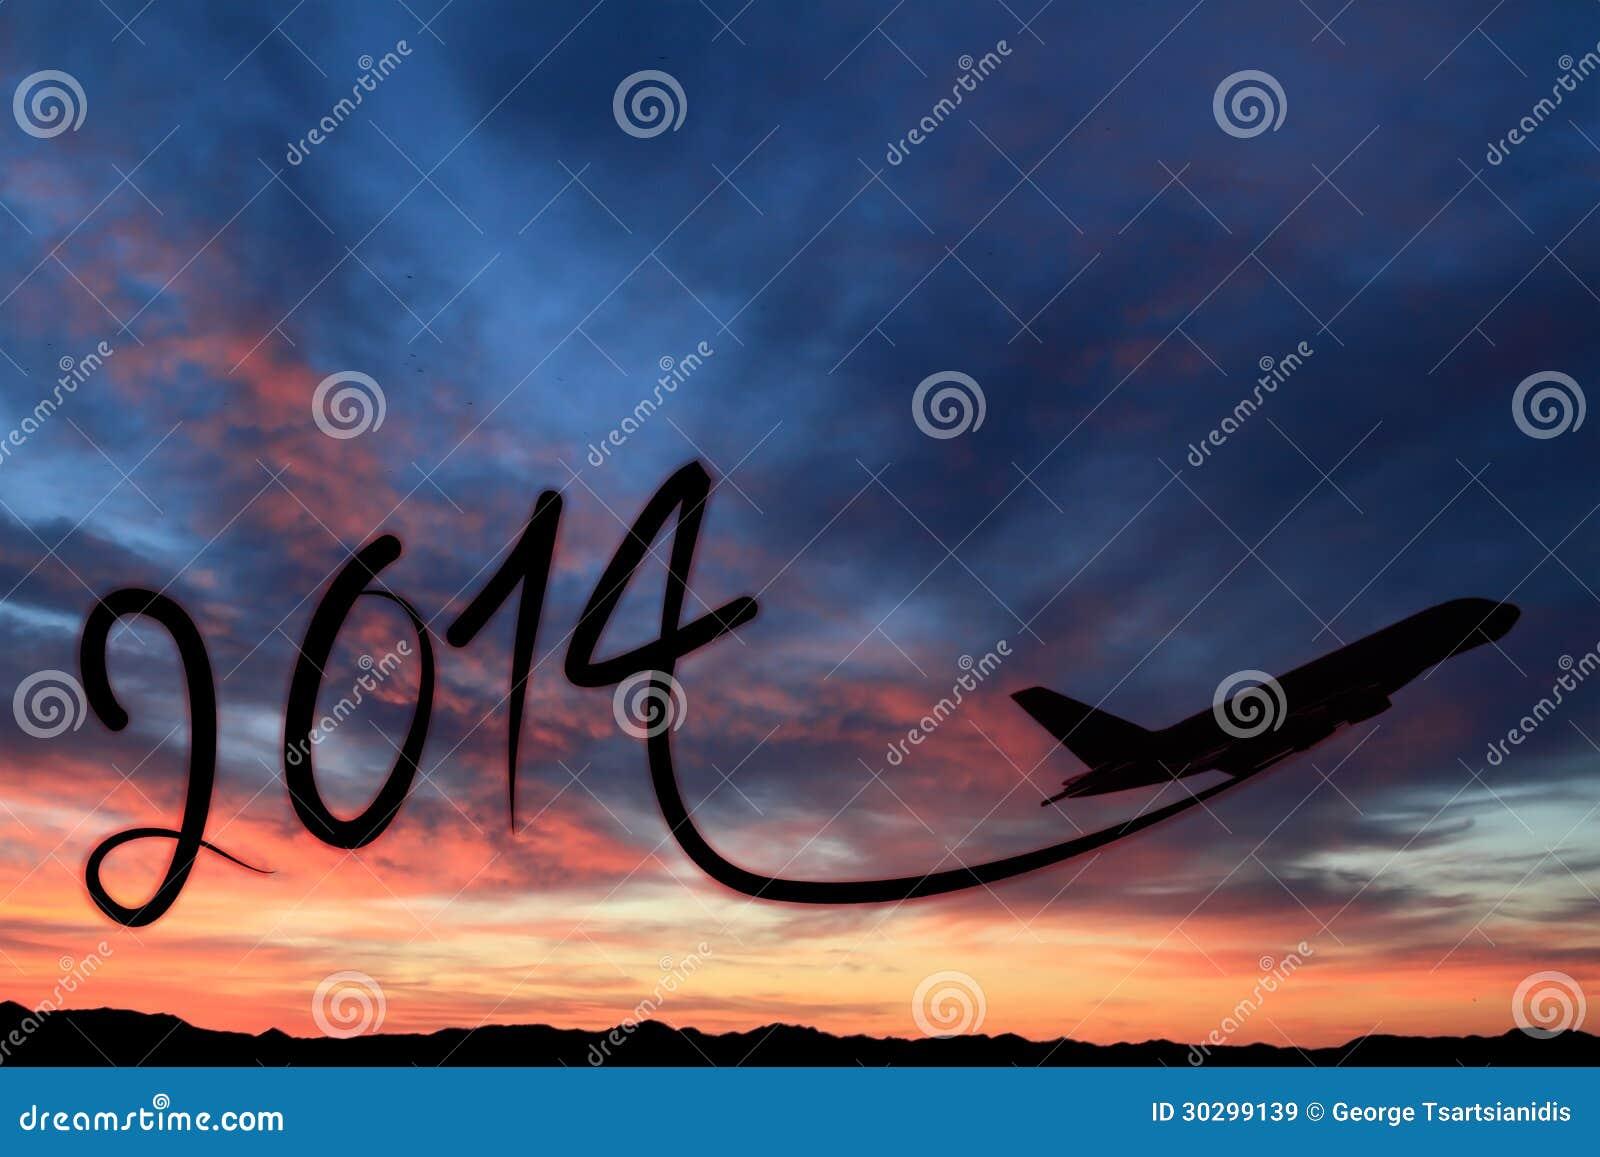 Nouvelle année 2014 dessinant sur l air au coucher du soleil